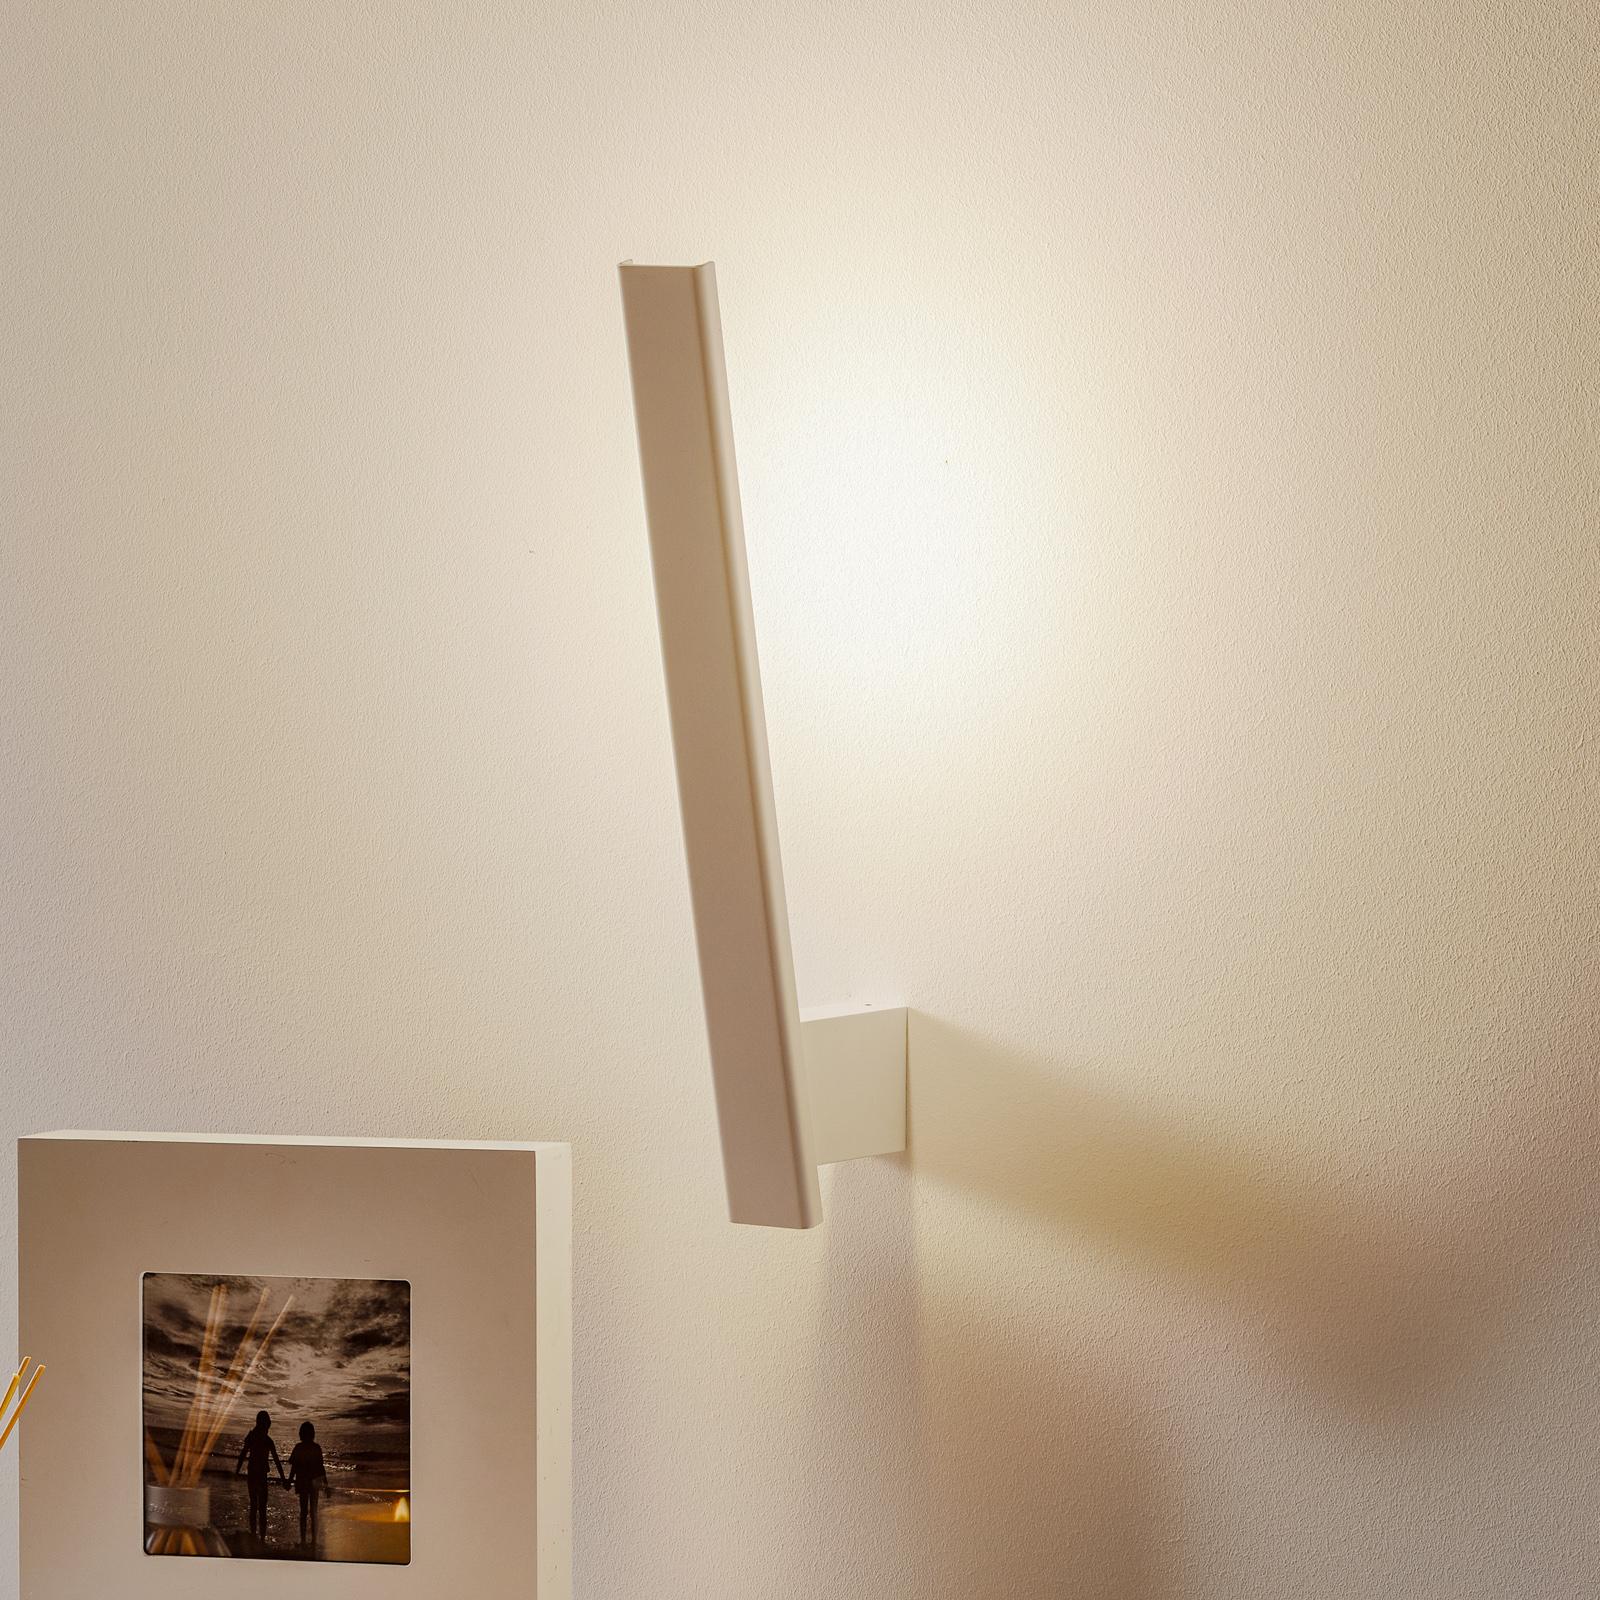 Flik smal LED-væglampe, hvid